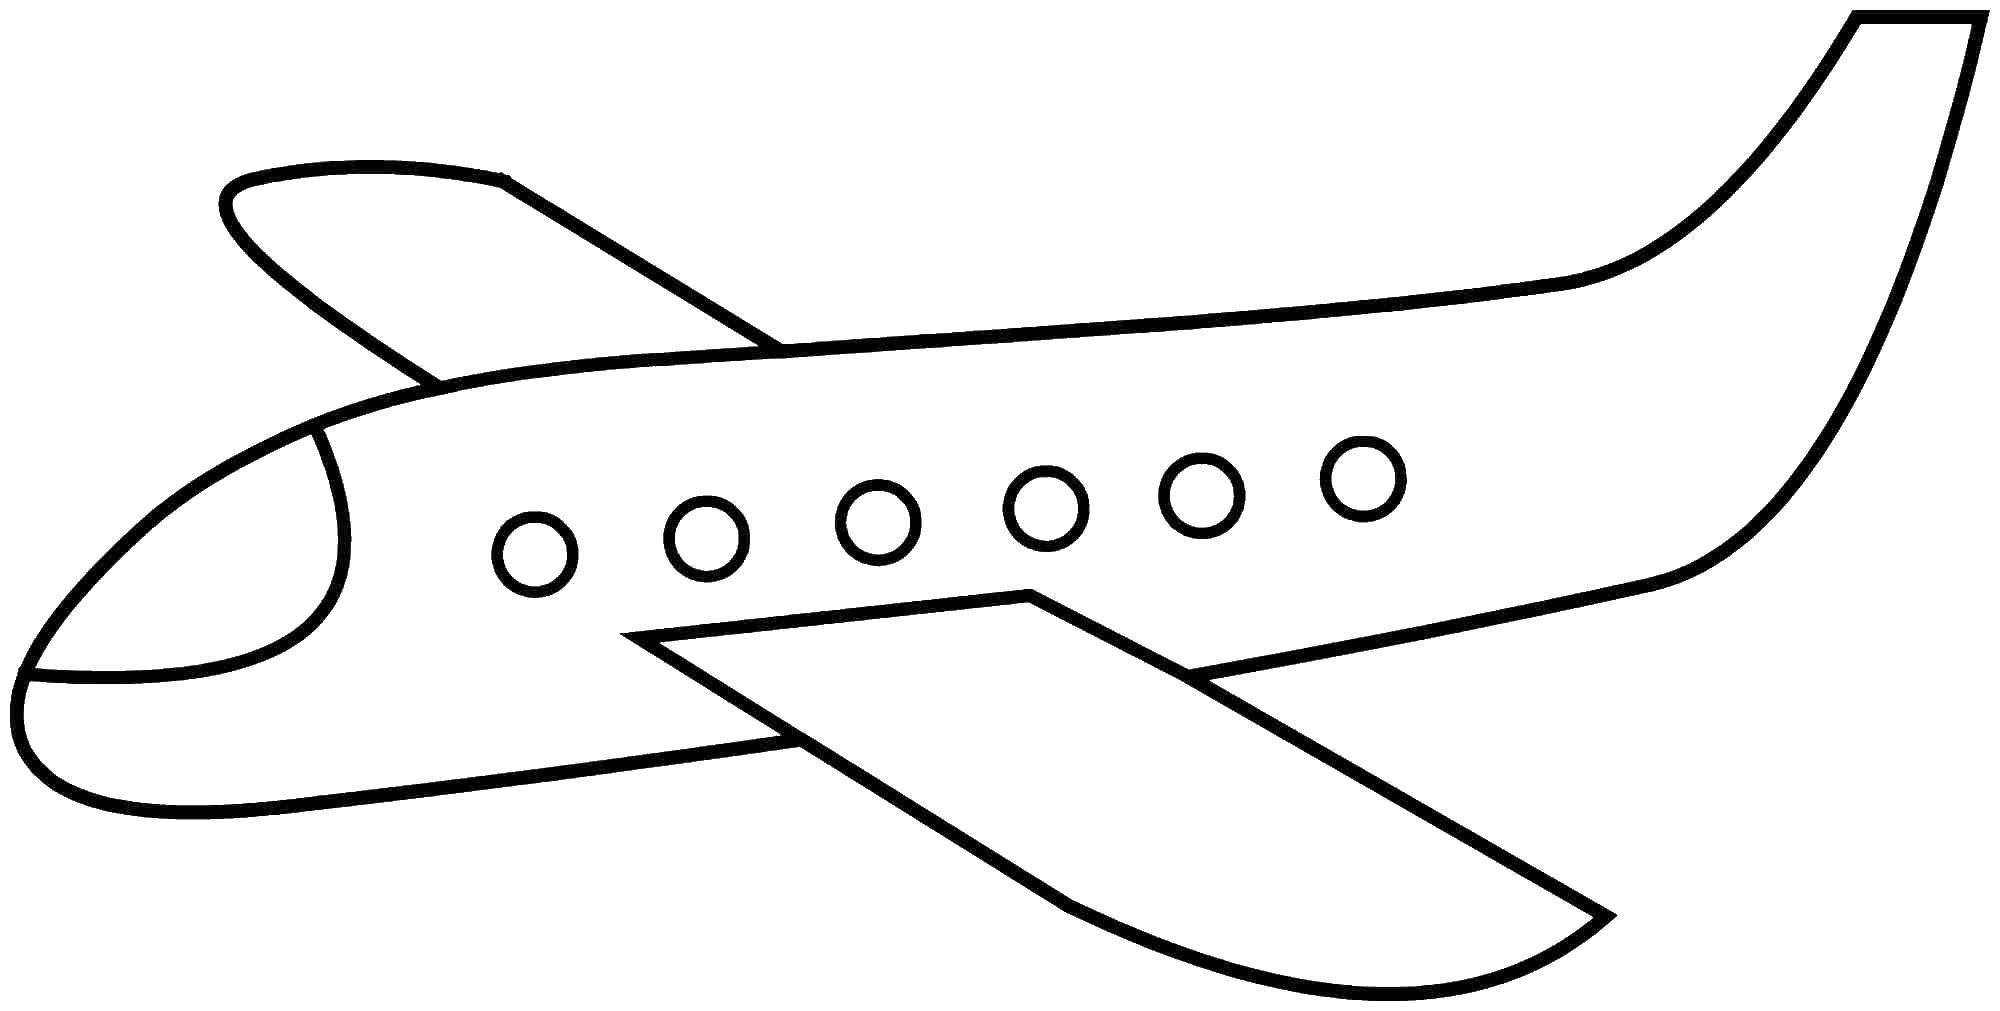 Раскраска Контур самолета Скачать самолет, крыло, окна.  Распечатать ,Самолеты,